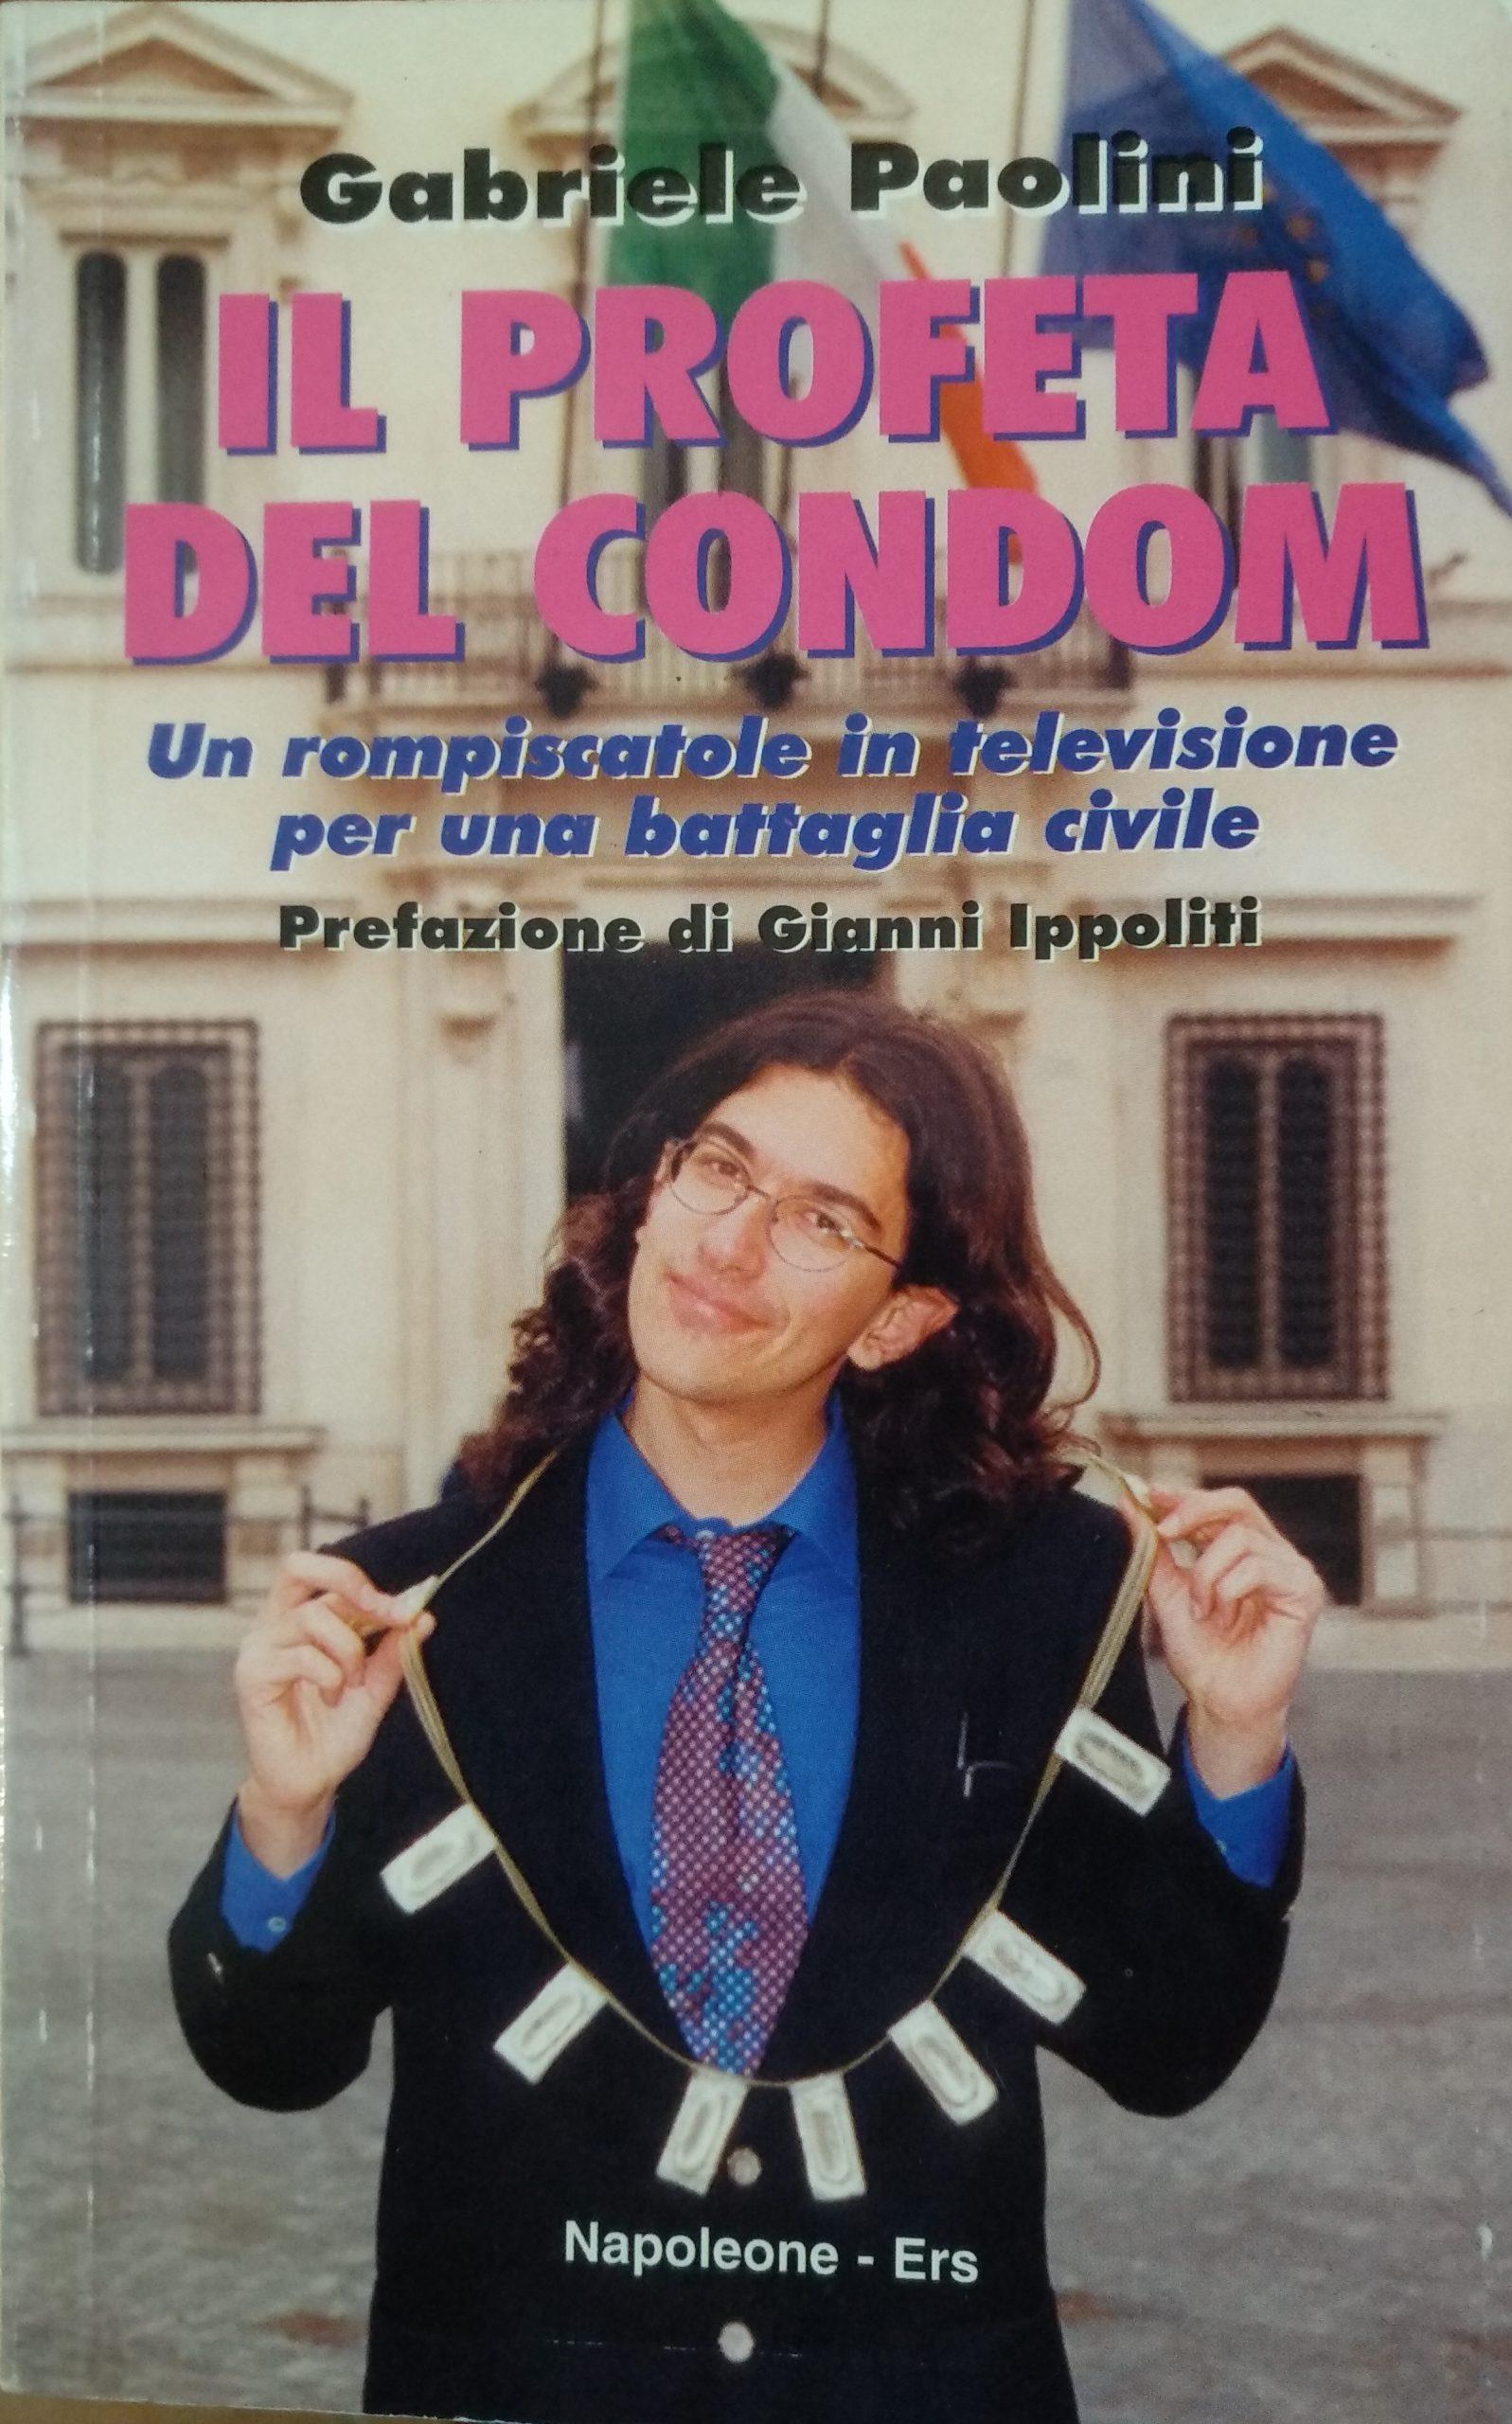 Gabriele Paolini: personaggio dei nostri tempi e autore di libri controversi